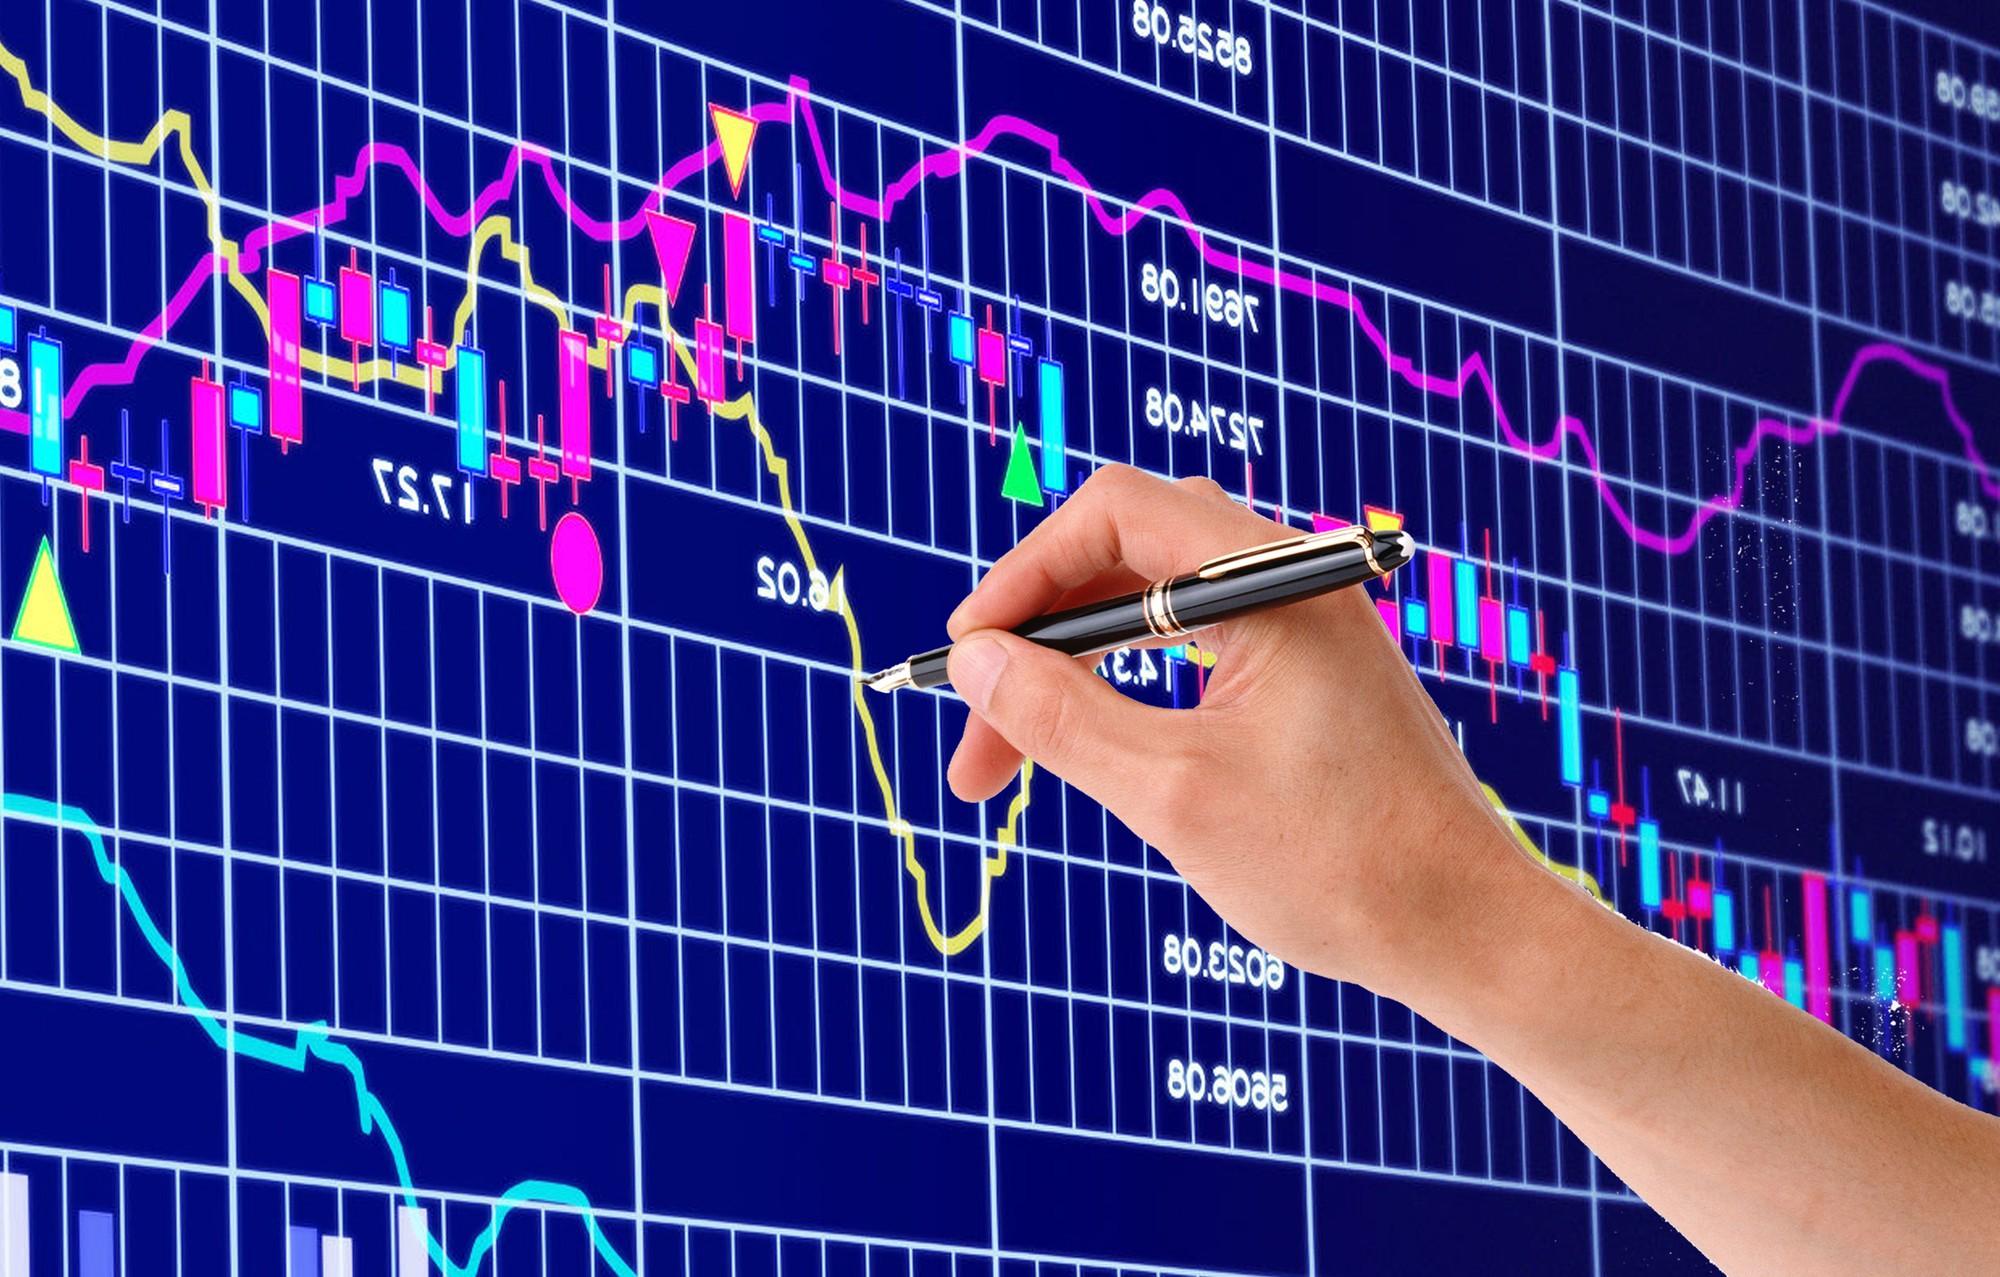 Nhận định thị trường chứng khoán 17/4: Có thể đi ngang với các nhịp tăng giảm đan xen trong vùng 964-993 điểm - Ảnh 1.